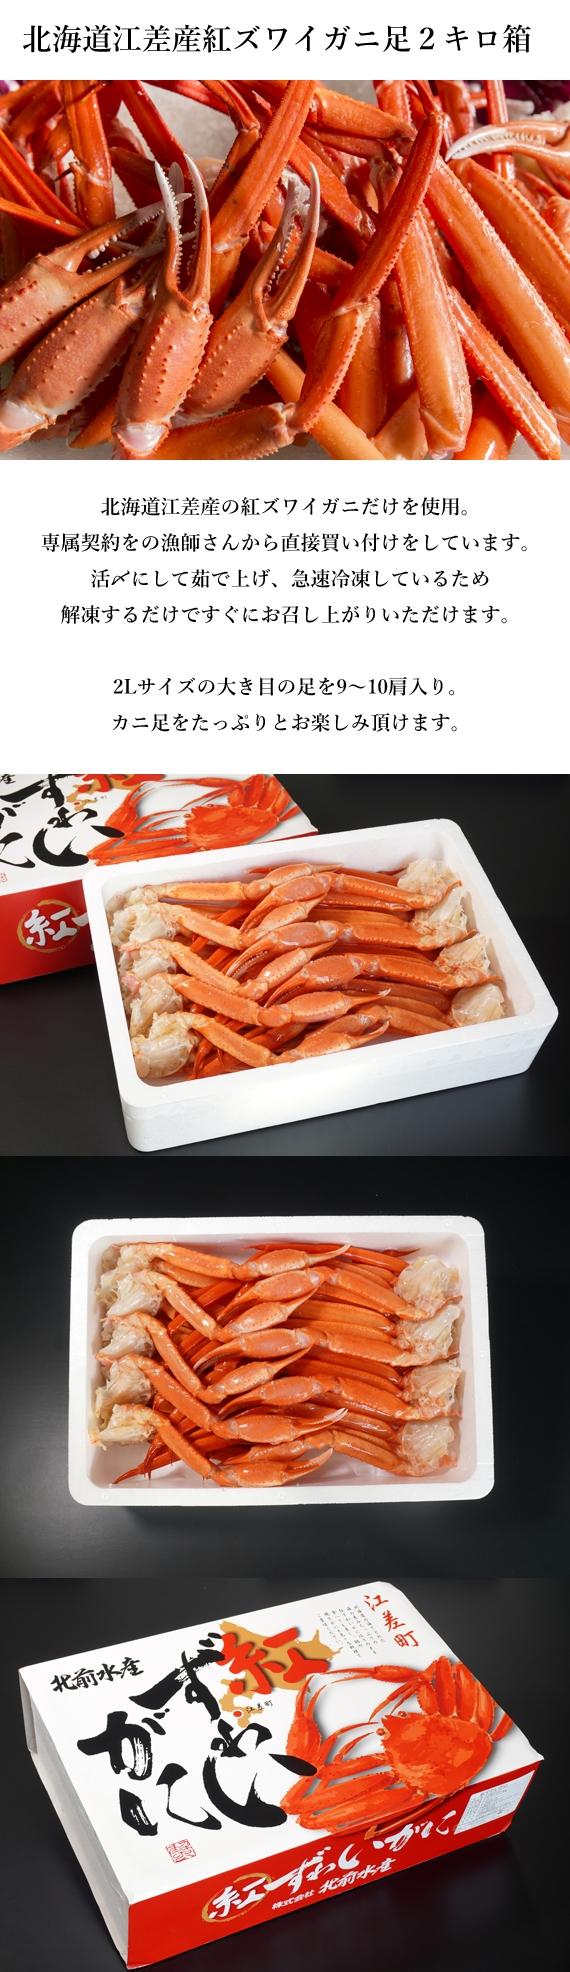 【北前水産】北海道江差産紅ズワイガニ足2キロ箱